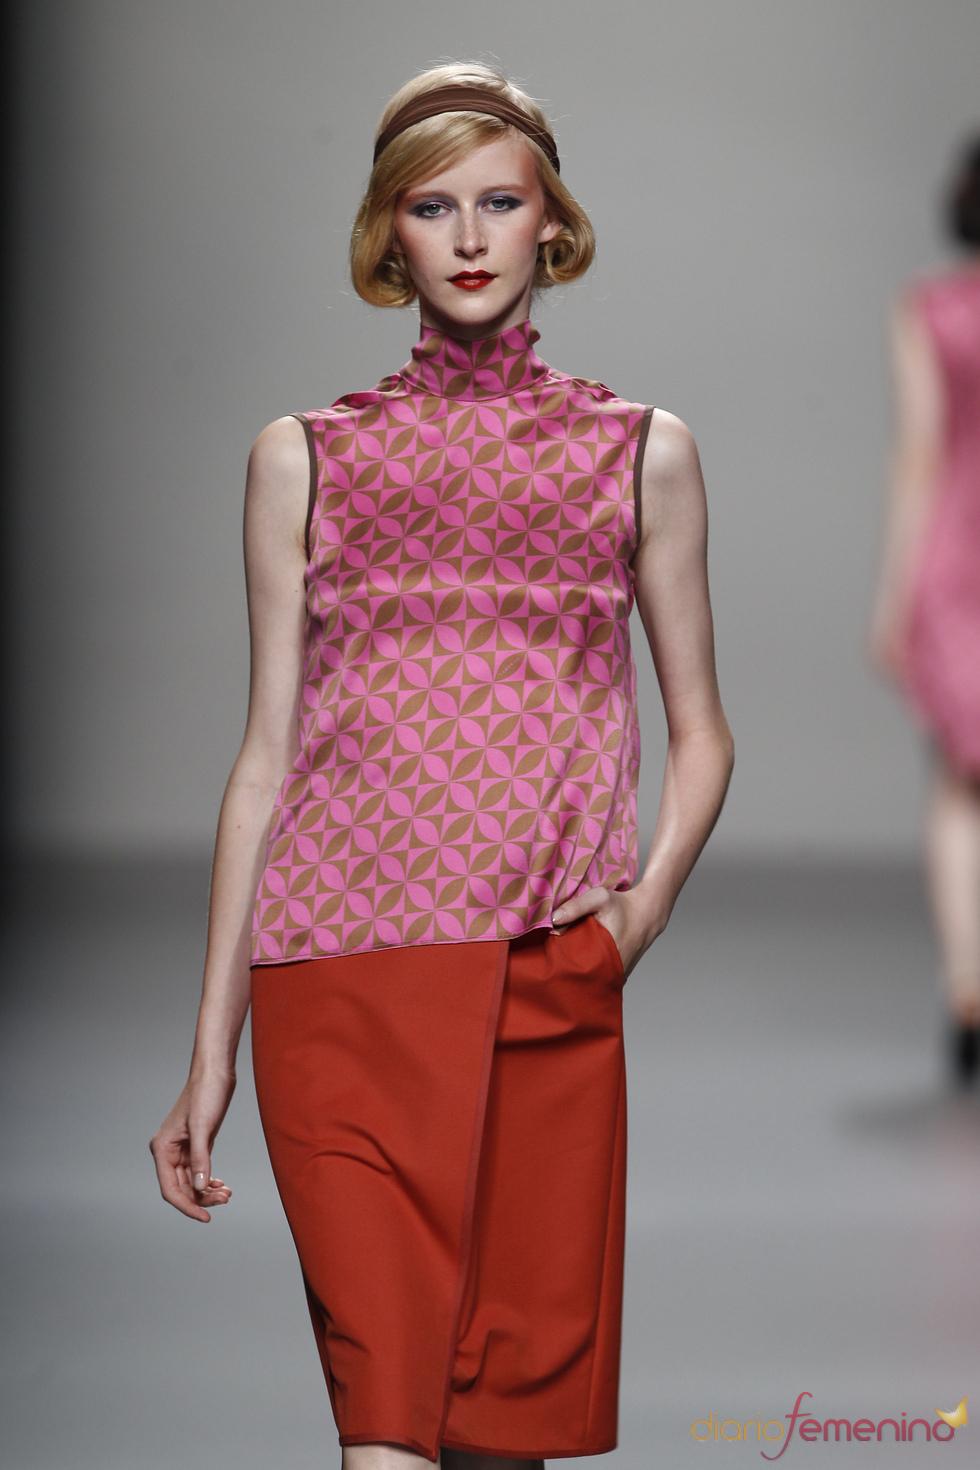 Prendas clásicas en la colección primavera-verano 2011 de Lemoniez